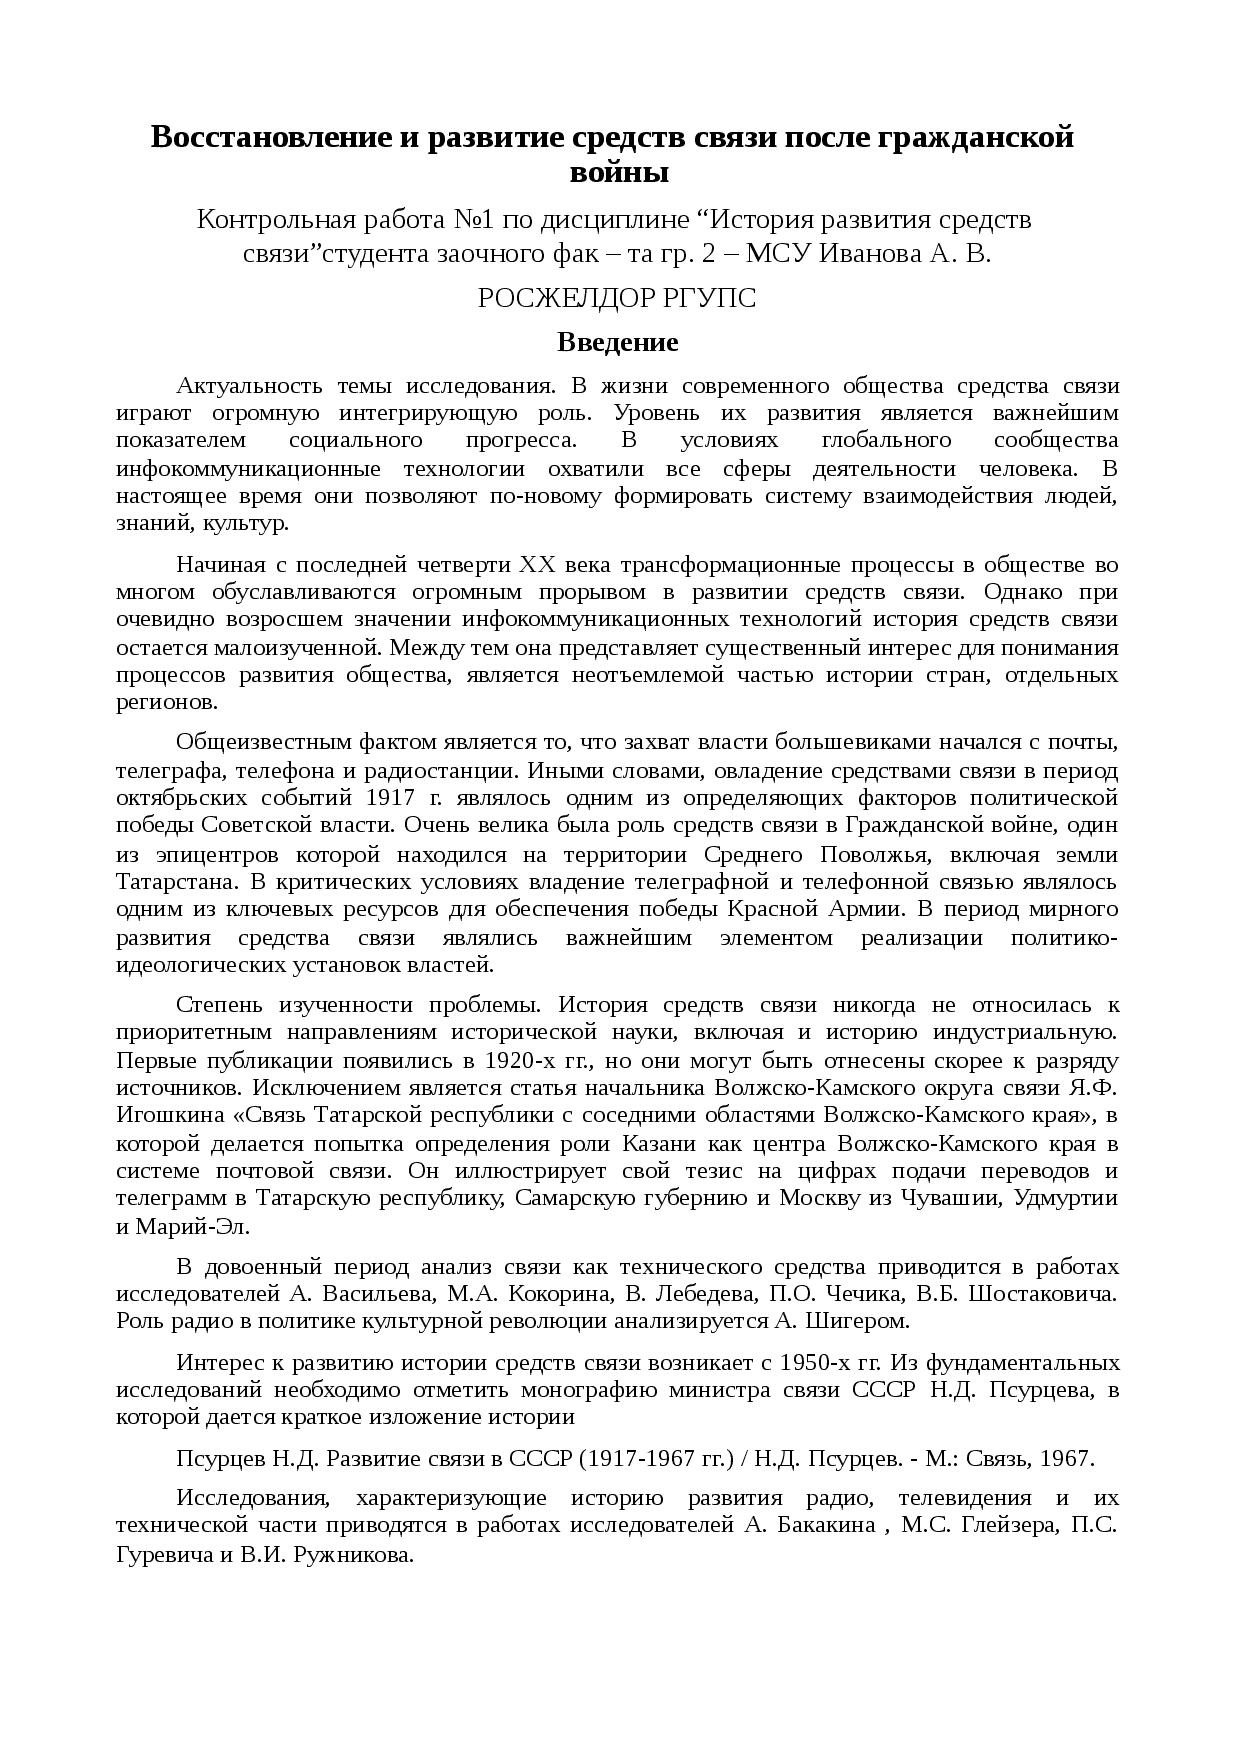 Реферат: факсимильная связь - пути развития